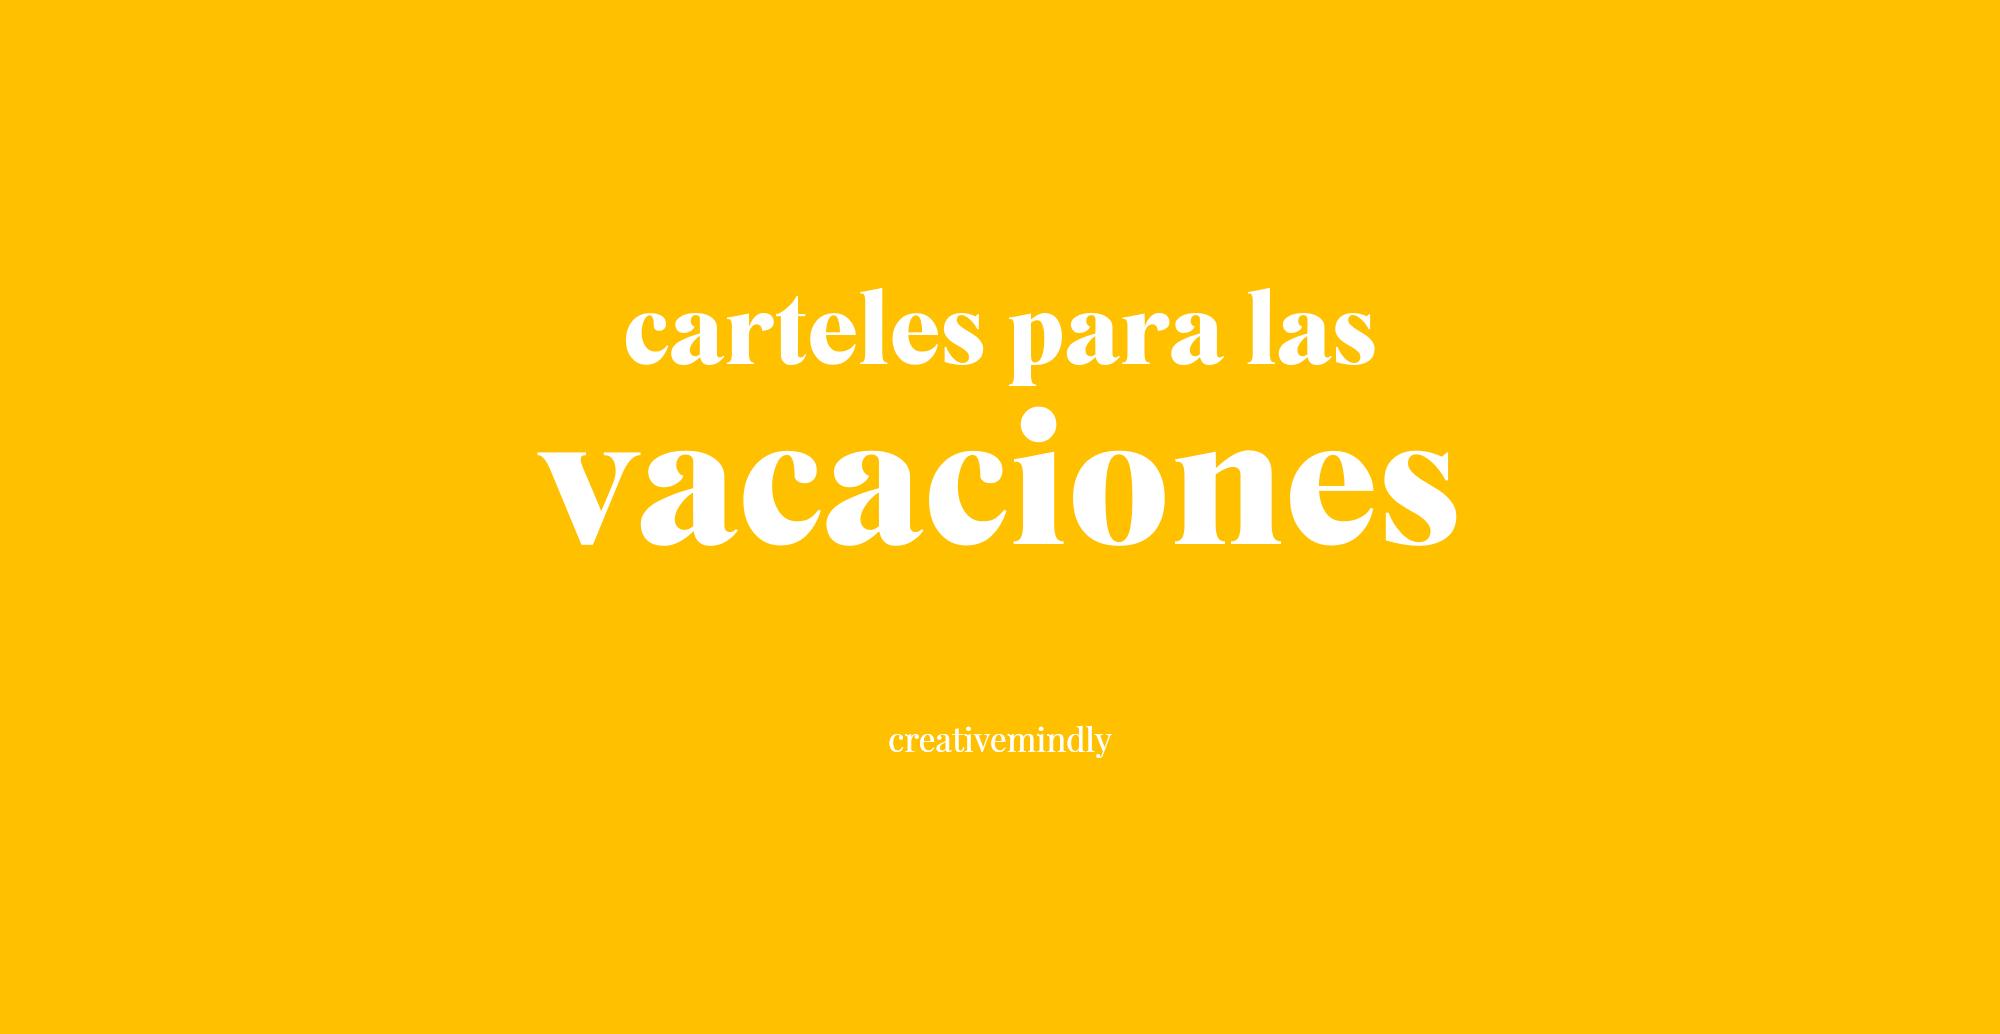 cartel cerrado por vacaciones